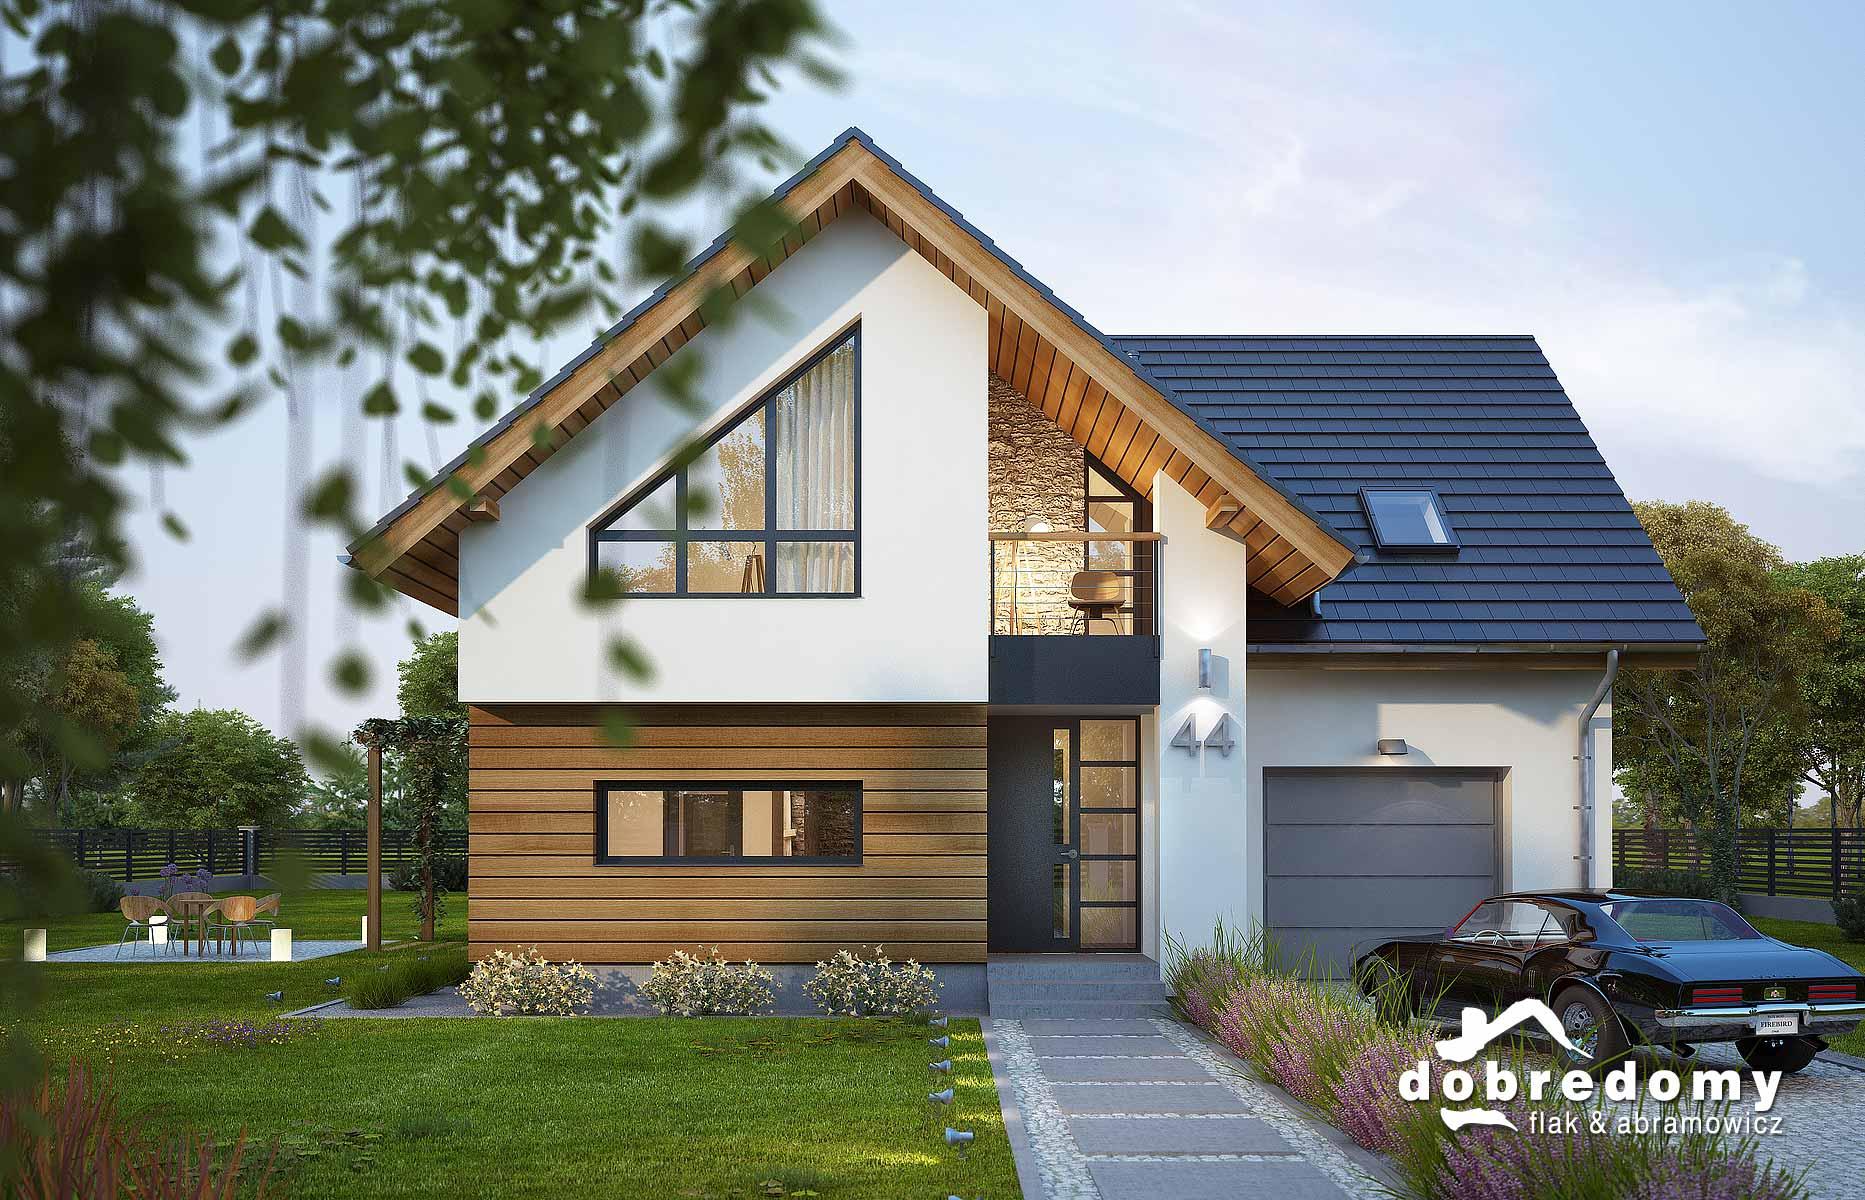 Dom z drewnianą elewacją – poznaj nowoczesne sposoby na ściany inspirowane naturą